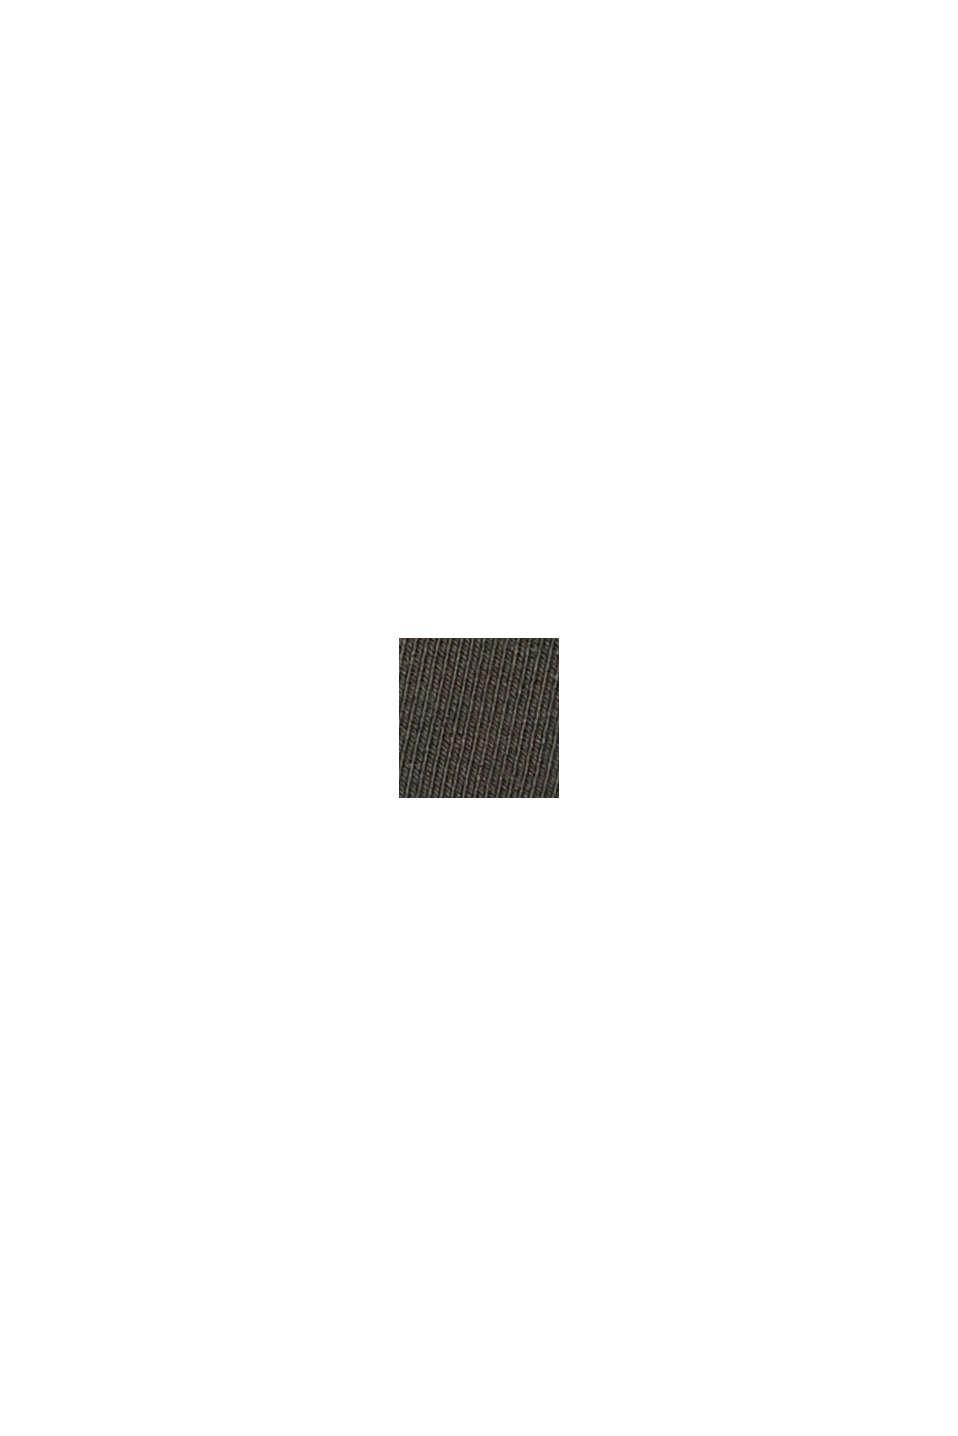 Knöchellange Sweathose aus Bio-Baumwolle/Stretch, DARK KHAKI, swatch